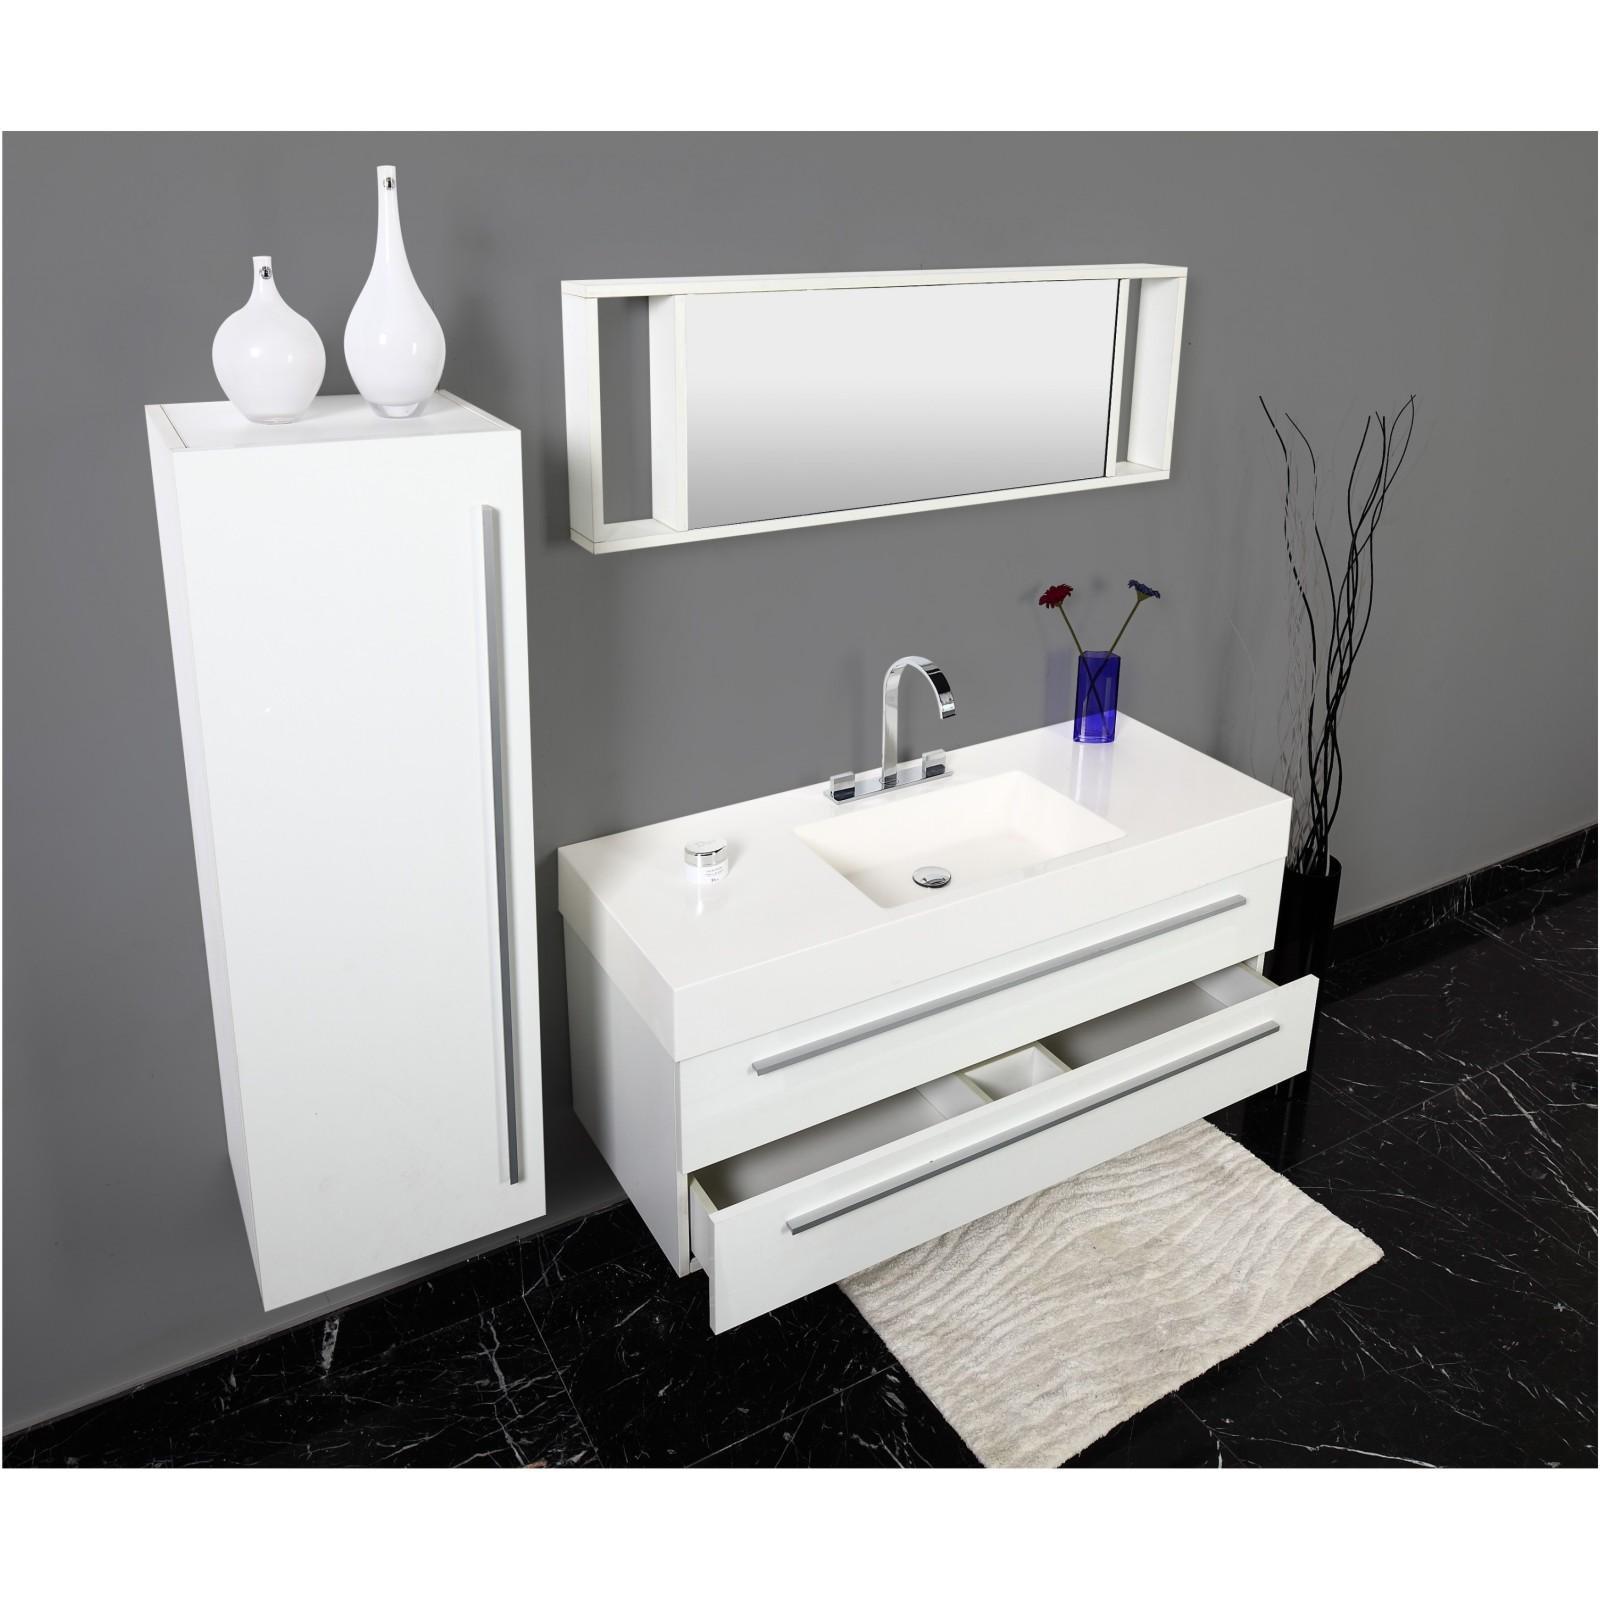 badm bel set badezimmer 3tlg weiss waschbecken hochschrank spiegel. Black Bedroom Furniture Sets. Home Design Ideas